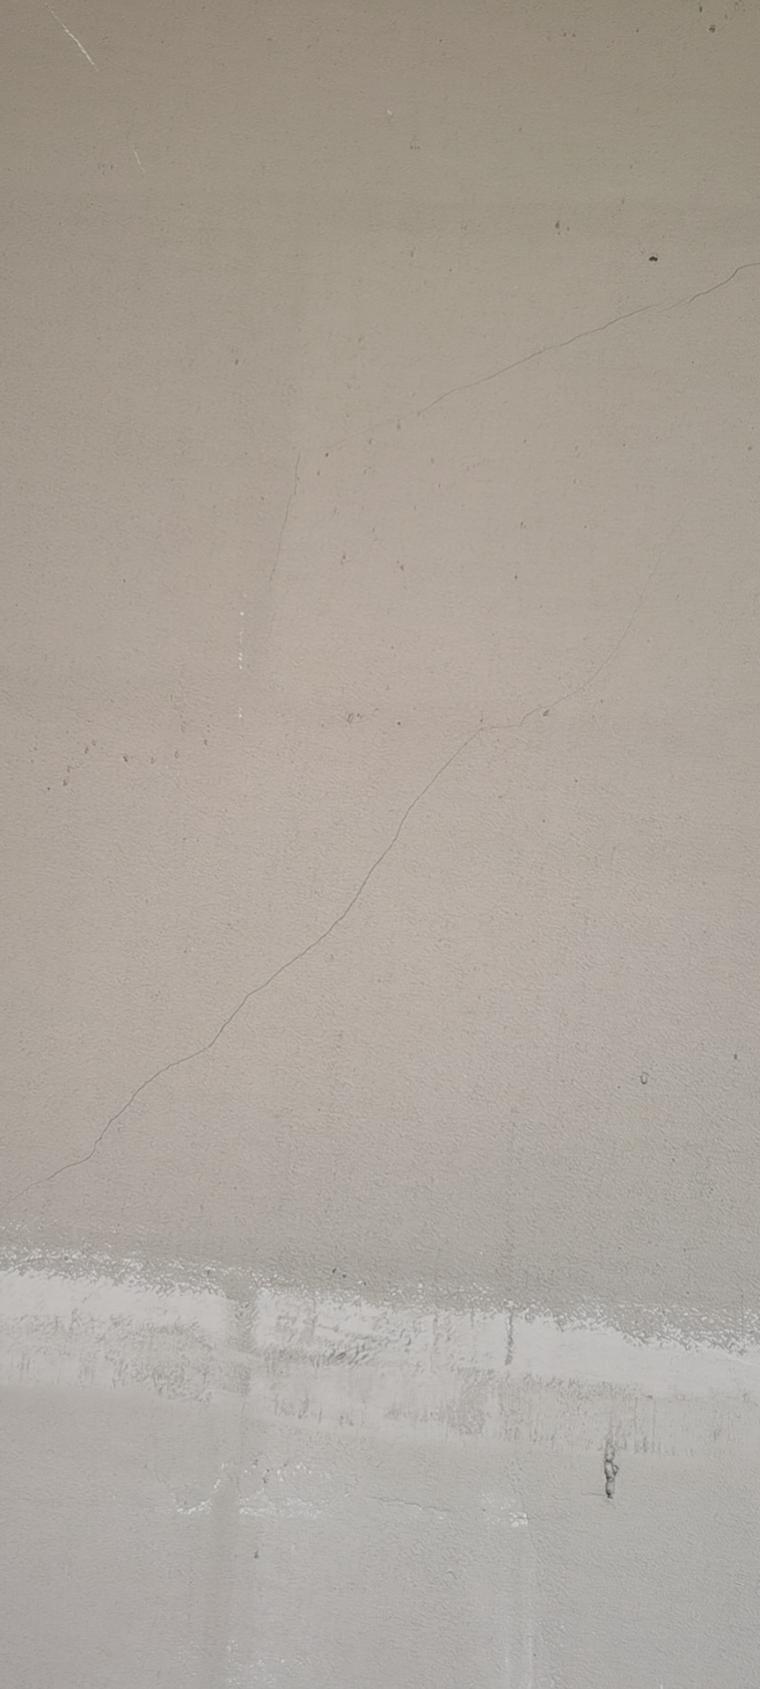 轻质石膏抹灰后出现贯通性裂缝_2